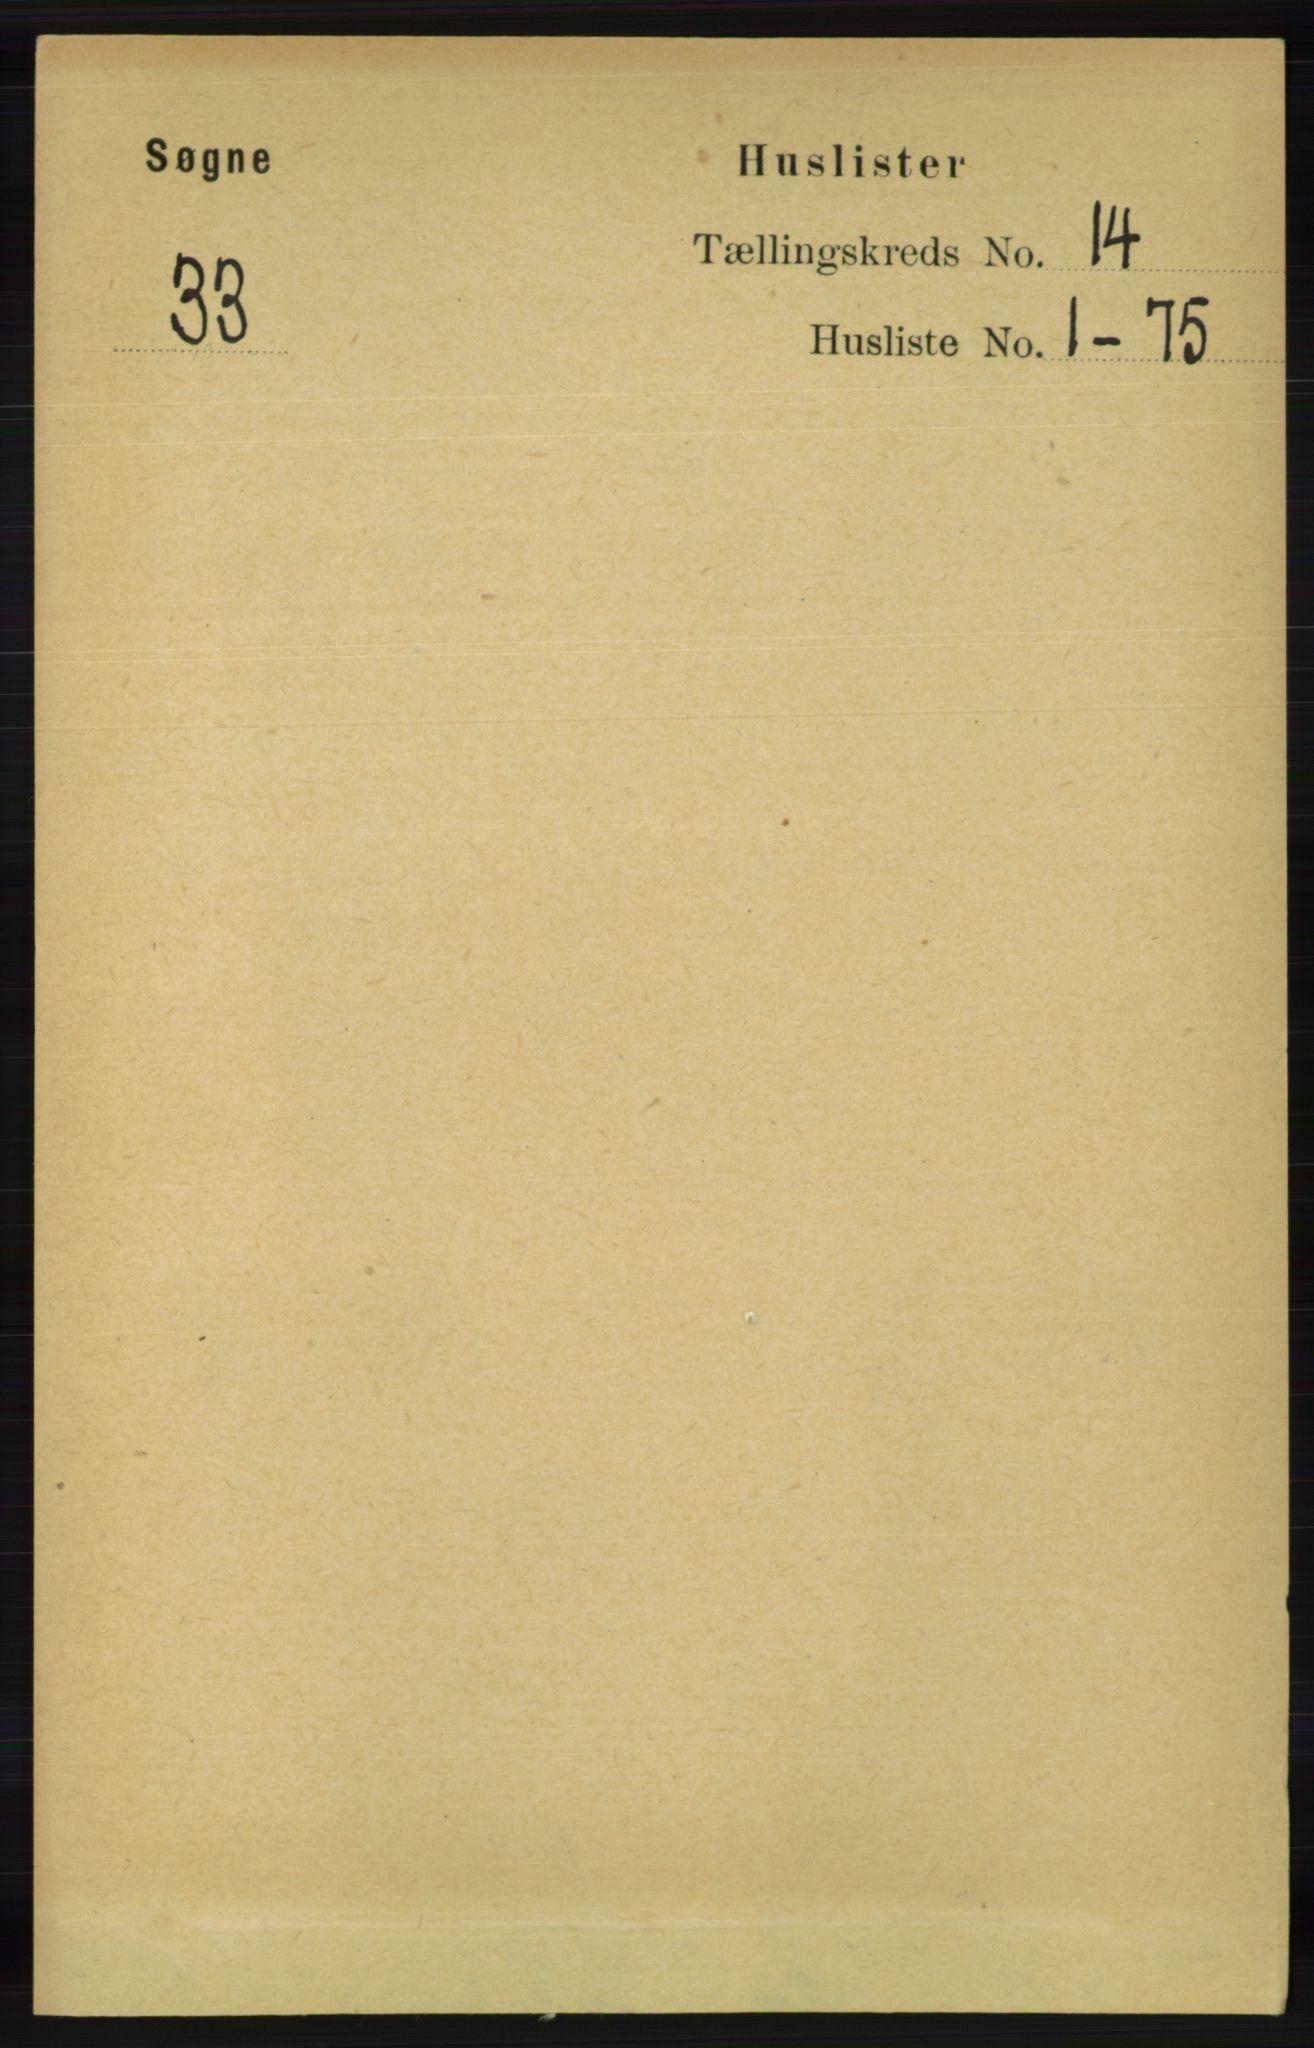 RA, Folketelling 1891 for 1018 Søgne herred, 1891, s. 3326